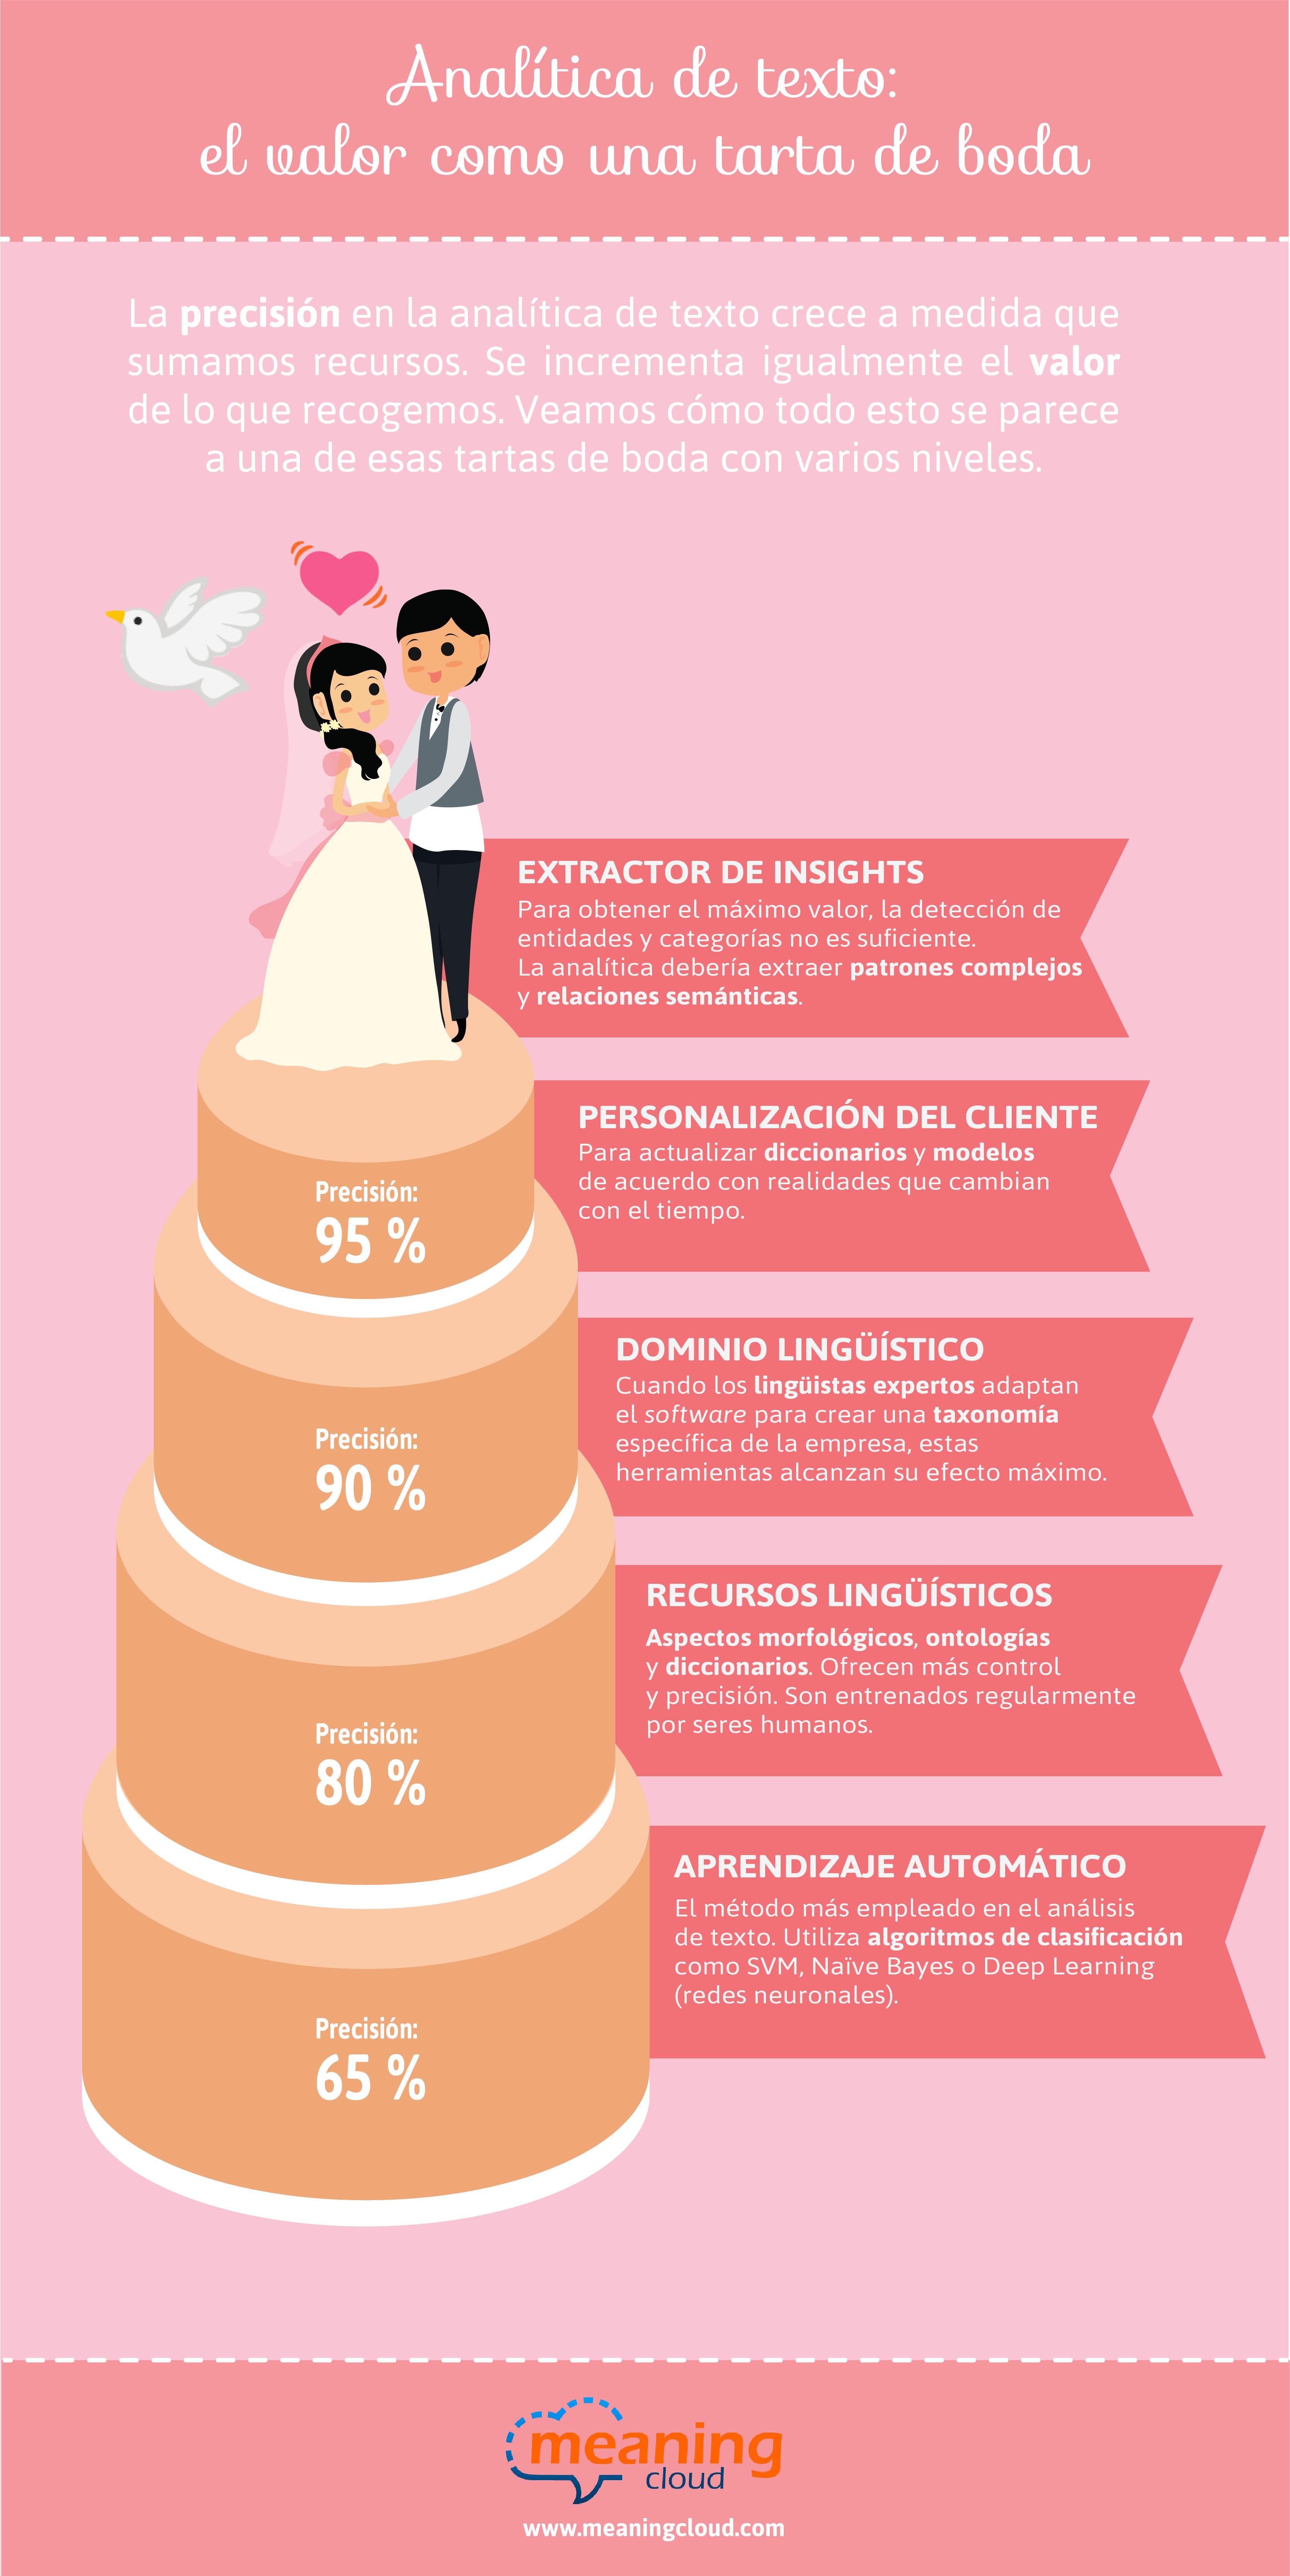 Analítica de texto: el valor como una tarta de boda